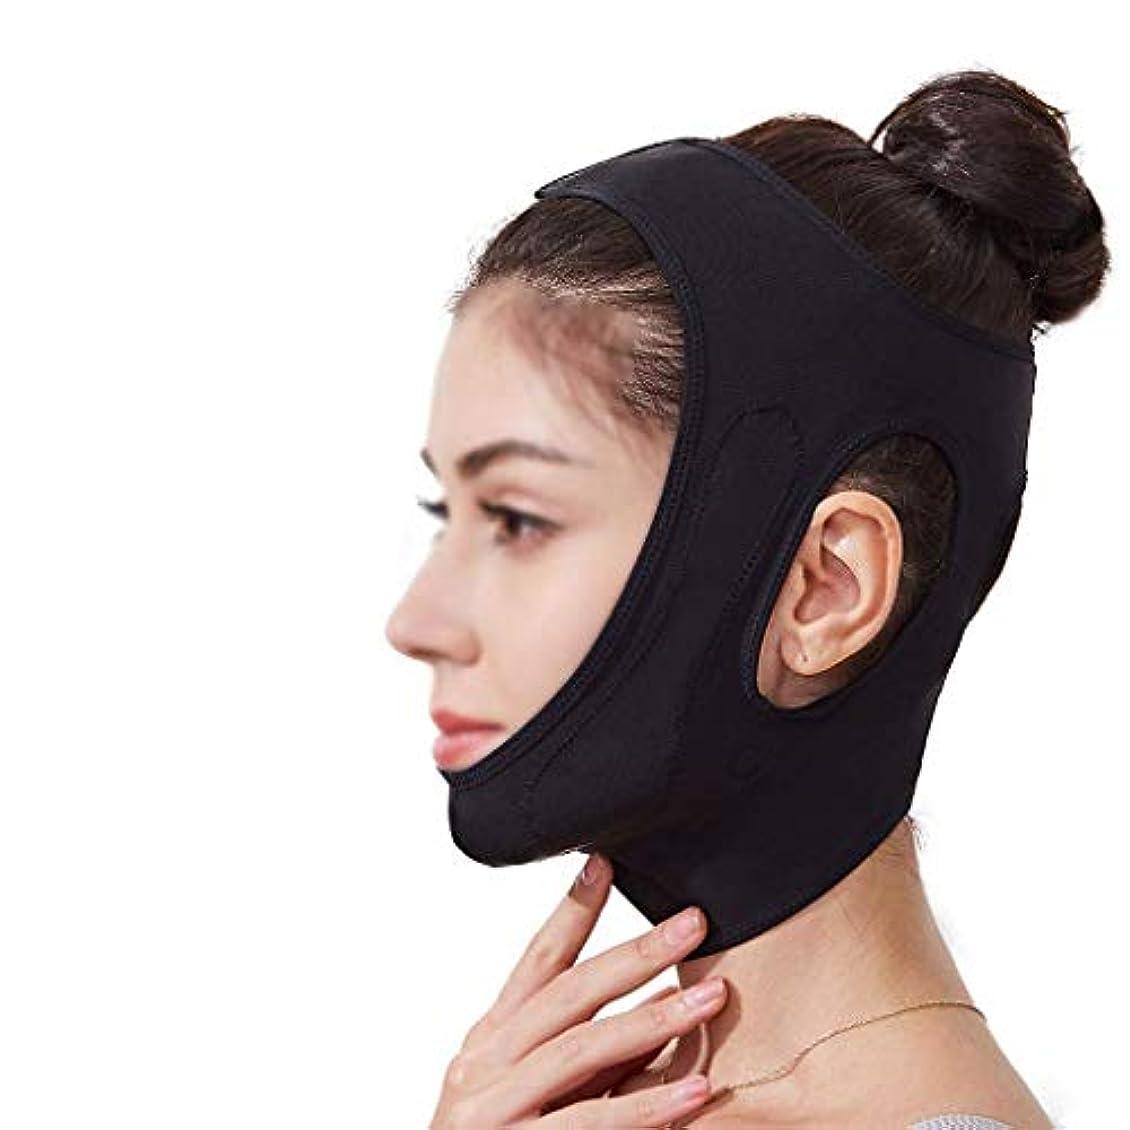 ハムワームアシスタントフェイスリフティングバンデージ、顔の頬V字型リフティングフェイスマスクしわの軽減ダブルチン快適な包帯で小さなVフェイスを作成(色:黒)